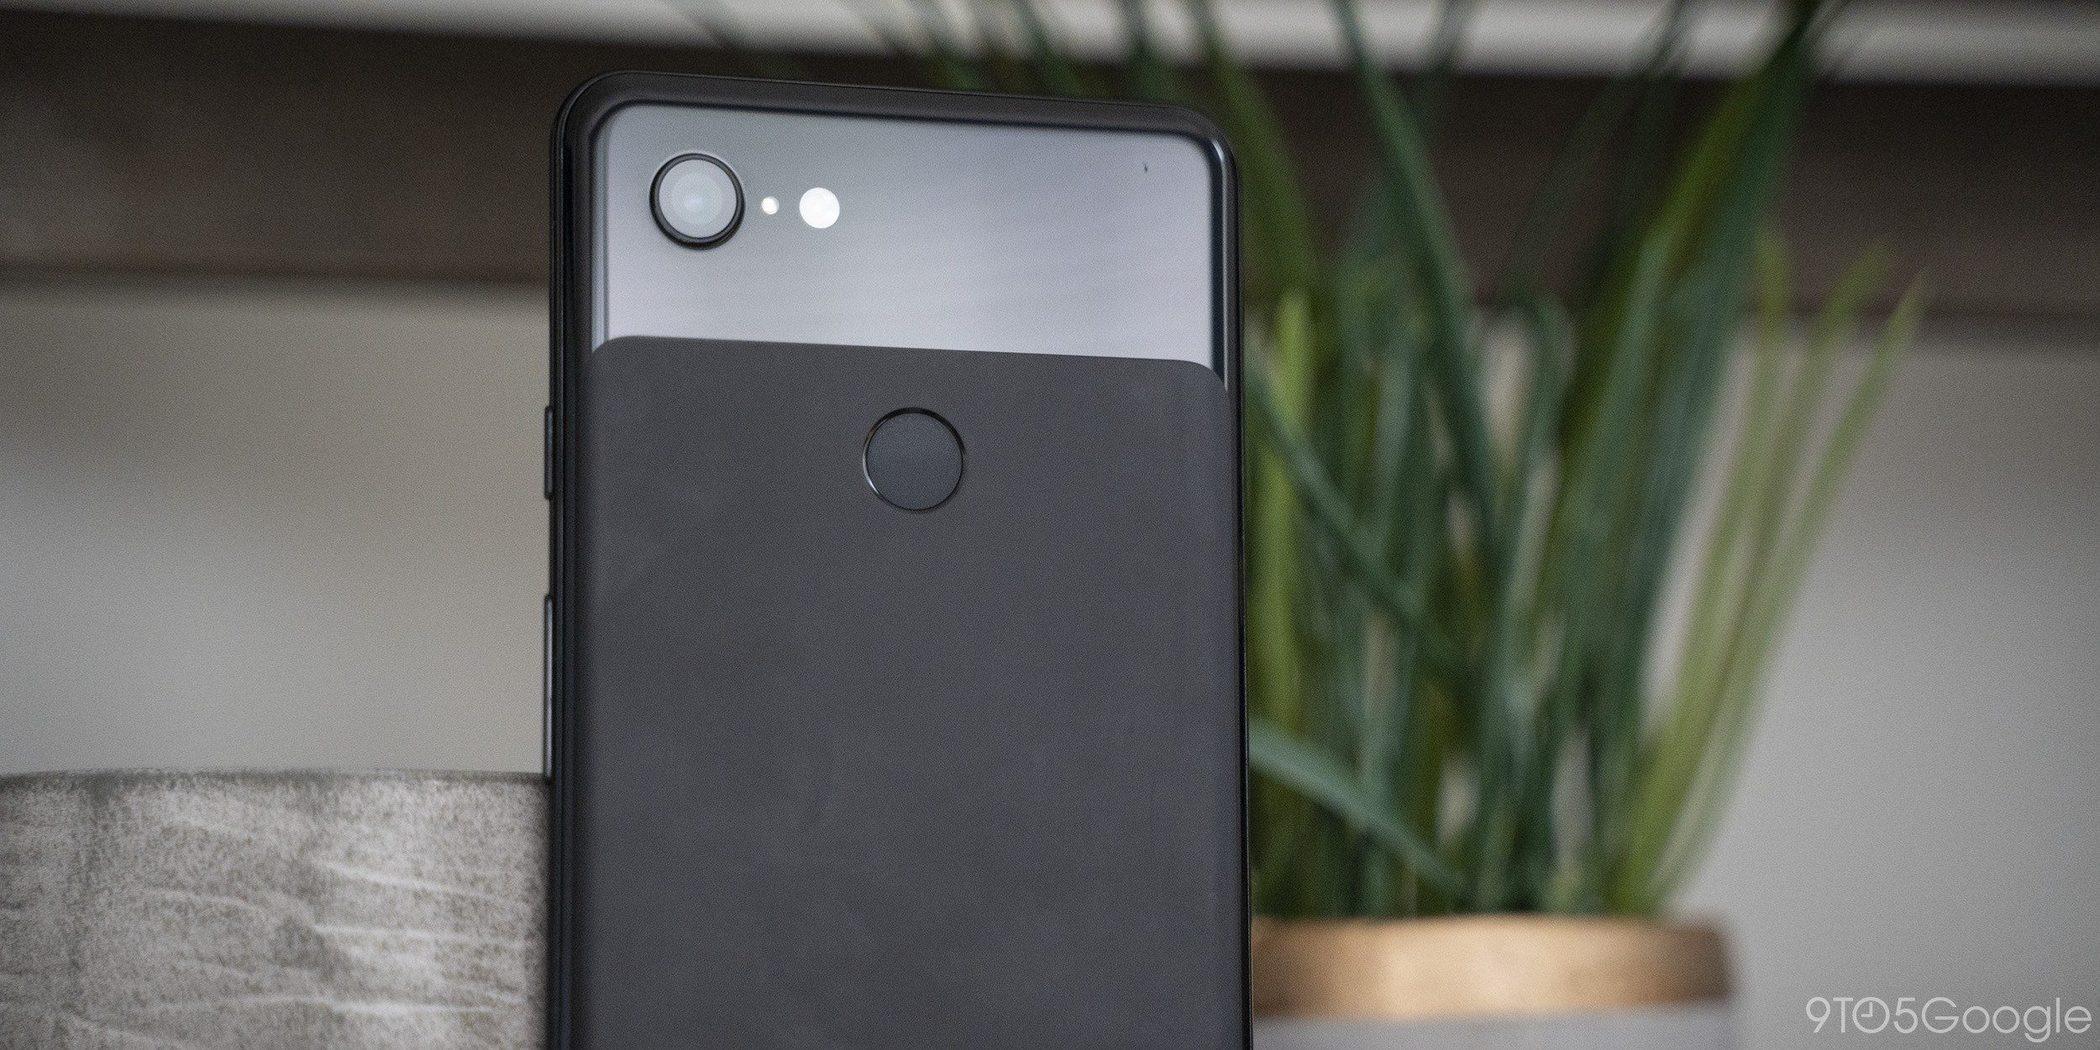 谷歌正计划将其智能手机Pixel的生产业务从中国转移到越南